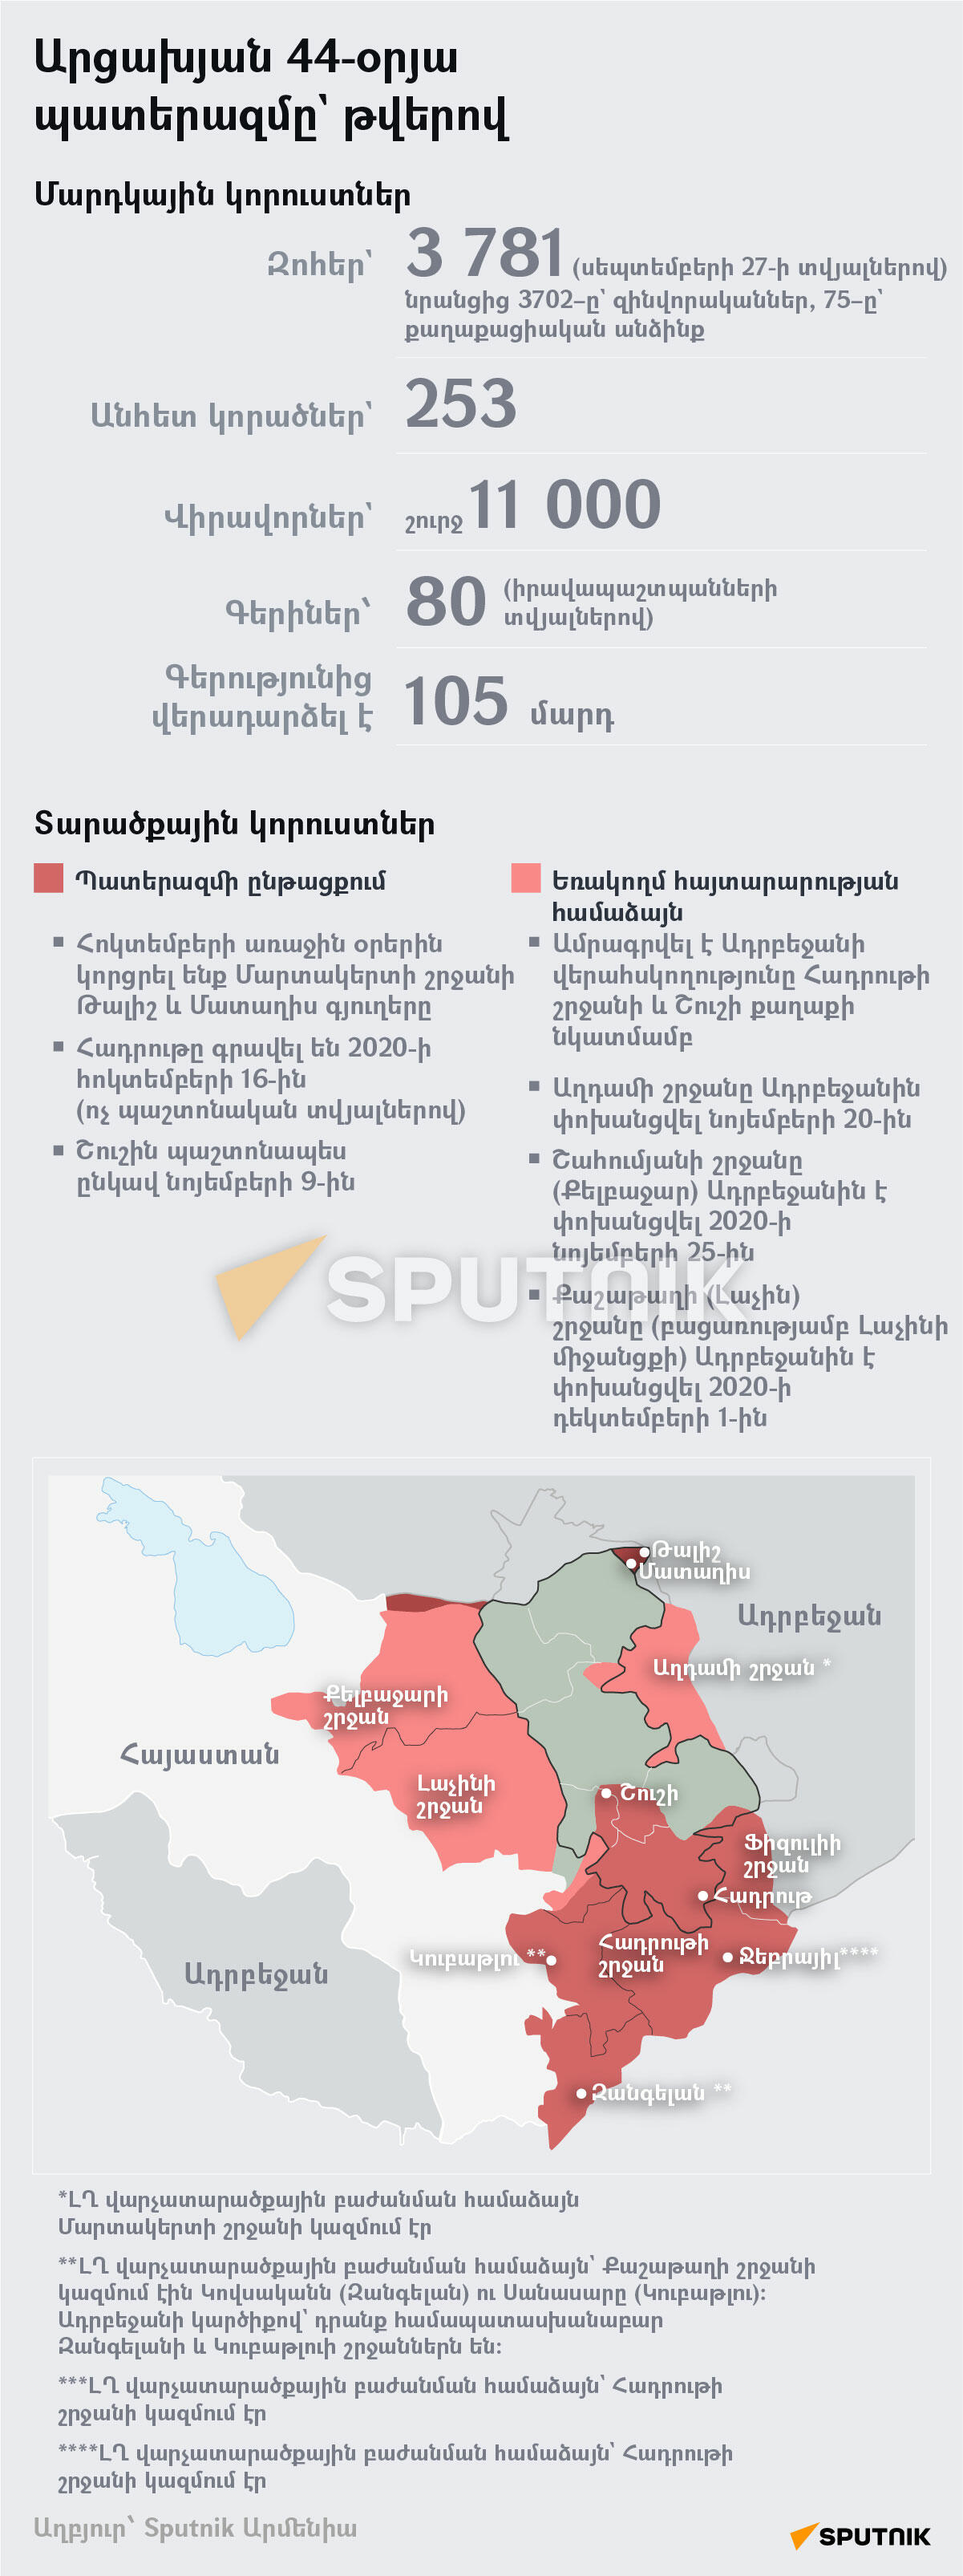 Արցախյան 44-օրյա պատերազմը` թվերով - Sputnik Արմենիա